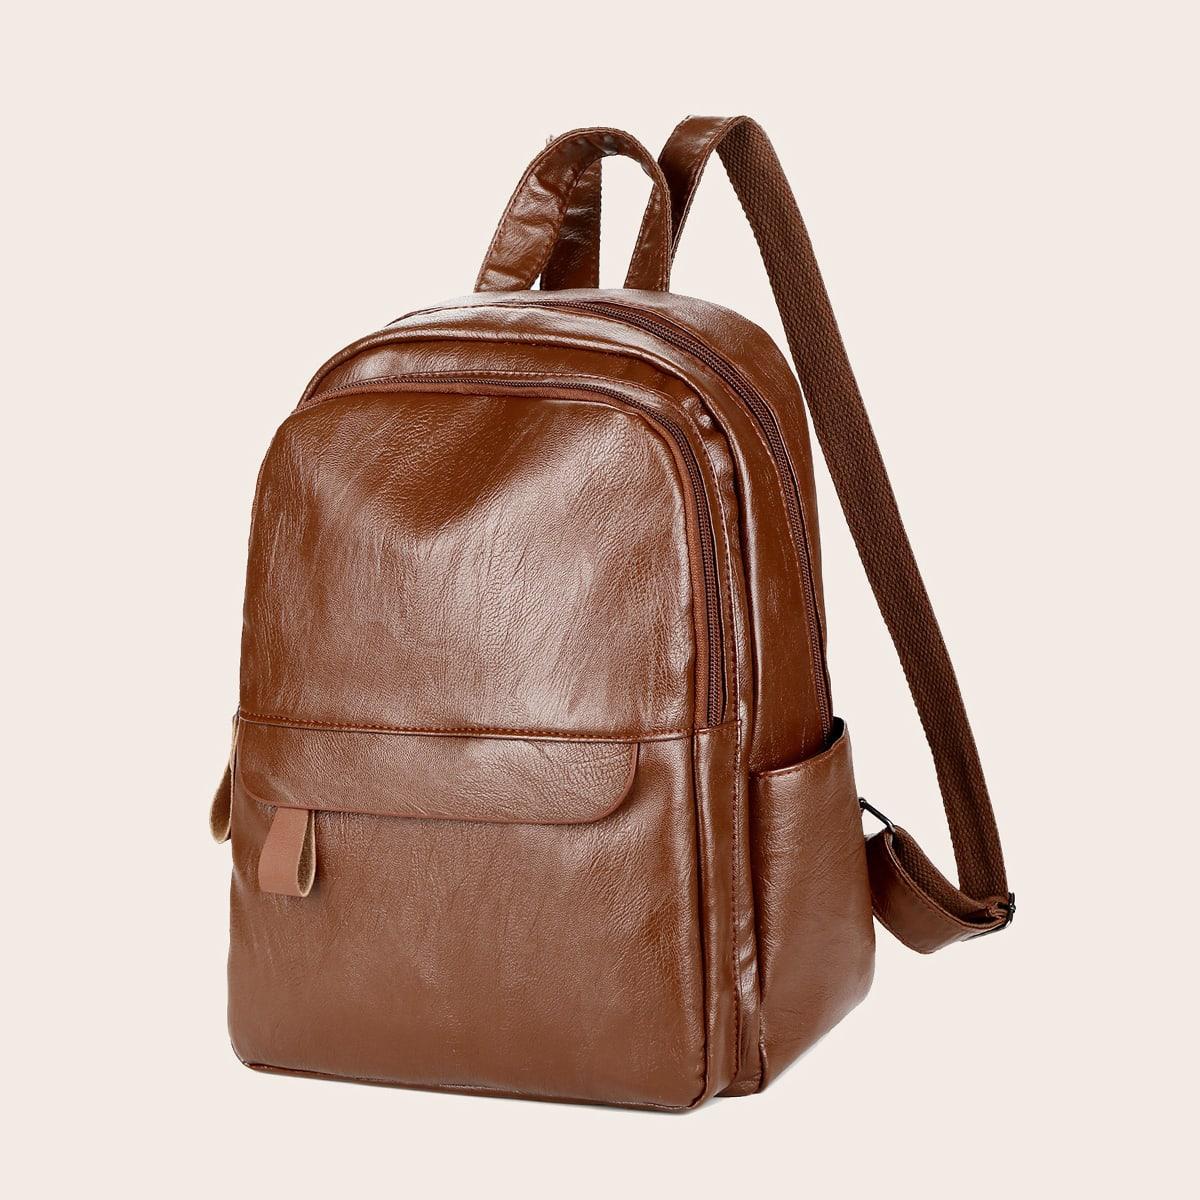 Минималистичный рюкзак на молнии сзади